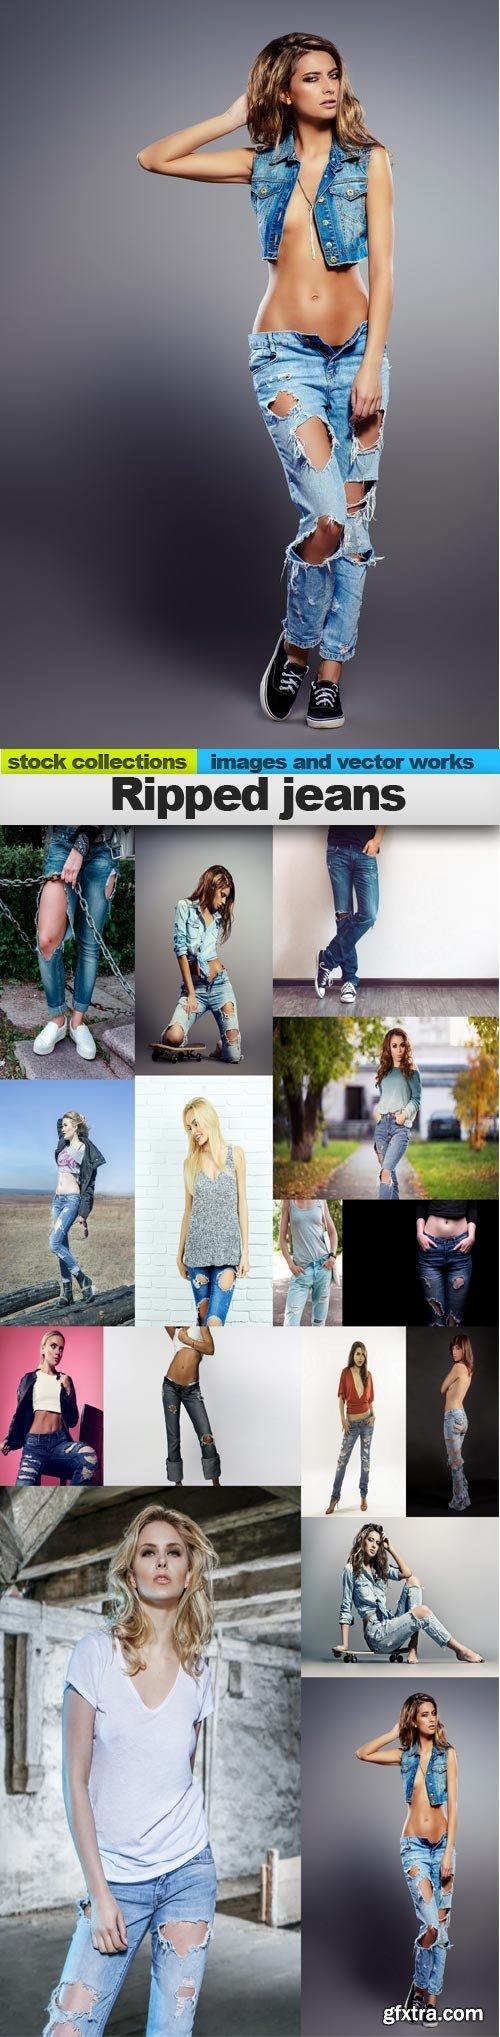 Ripped jeans, 15 x UHQ JPEG